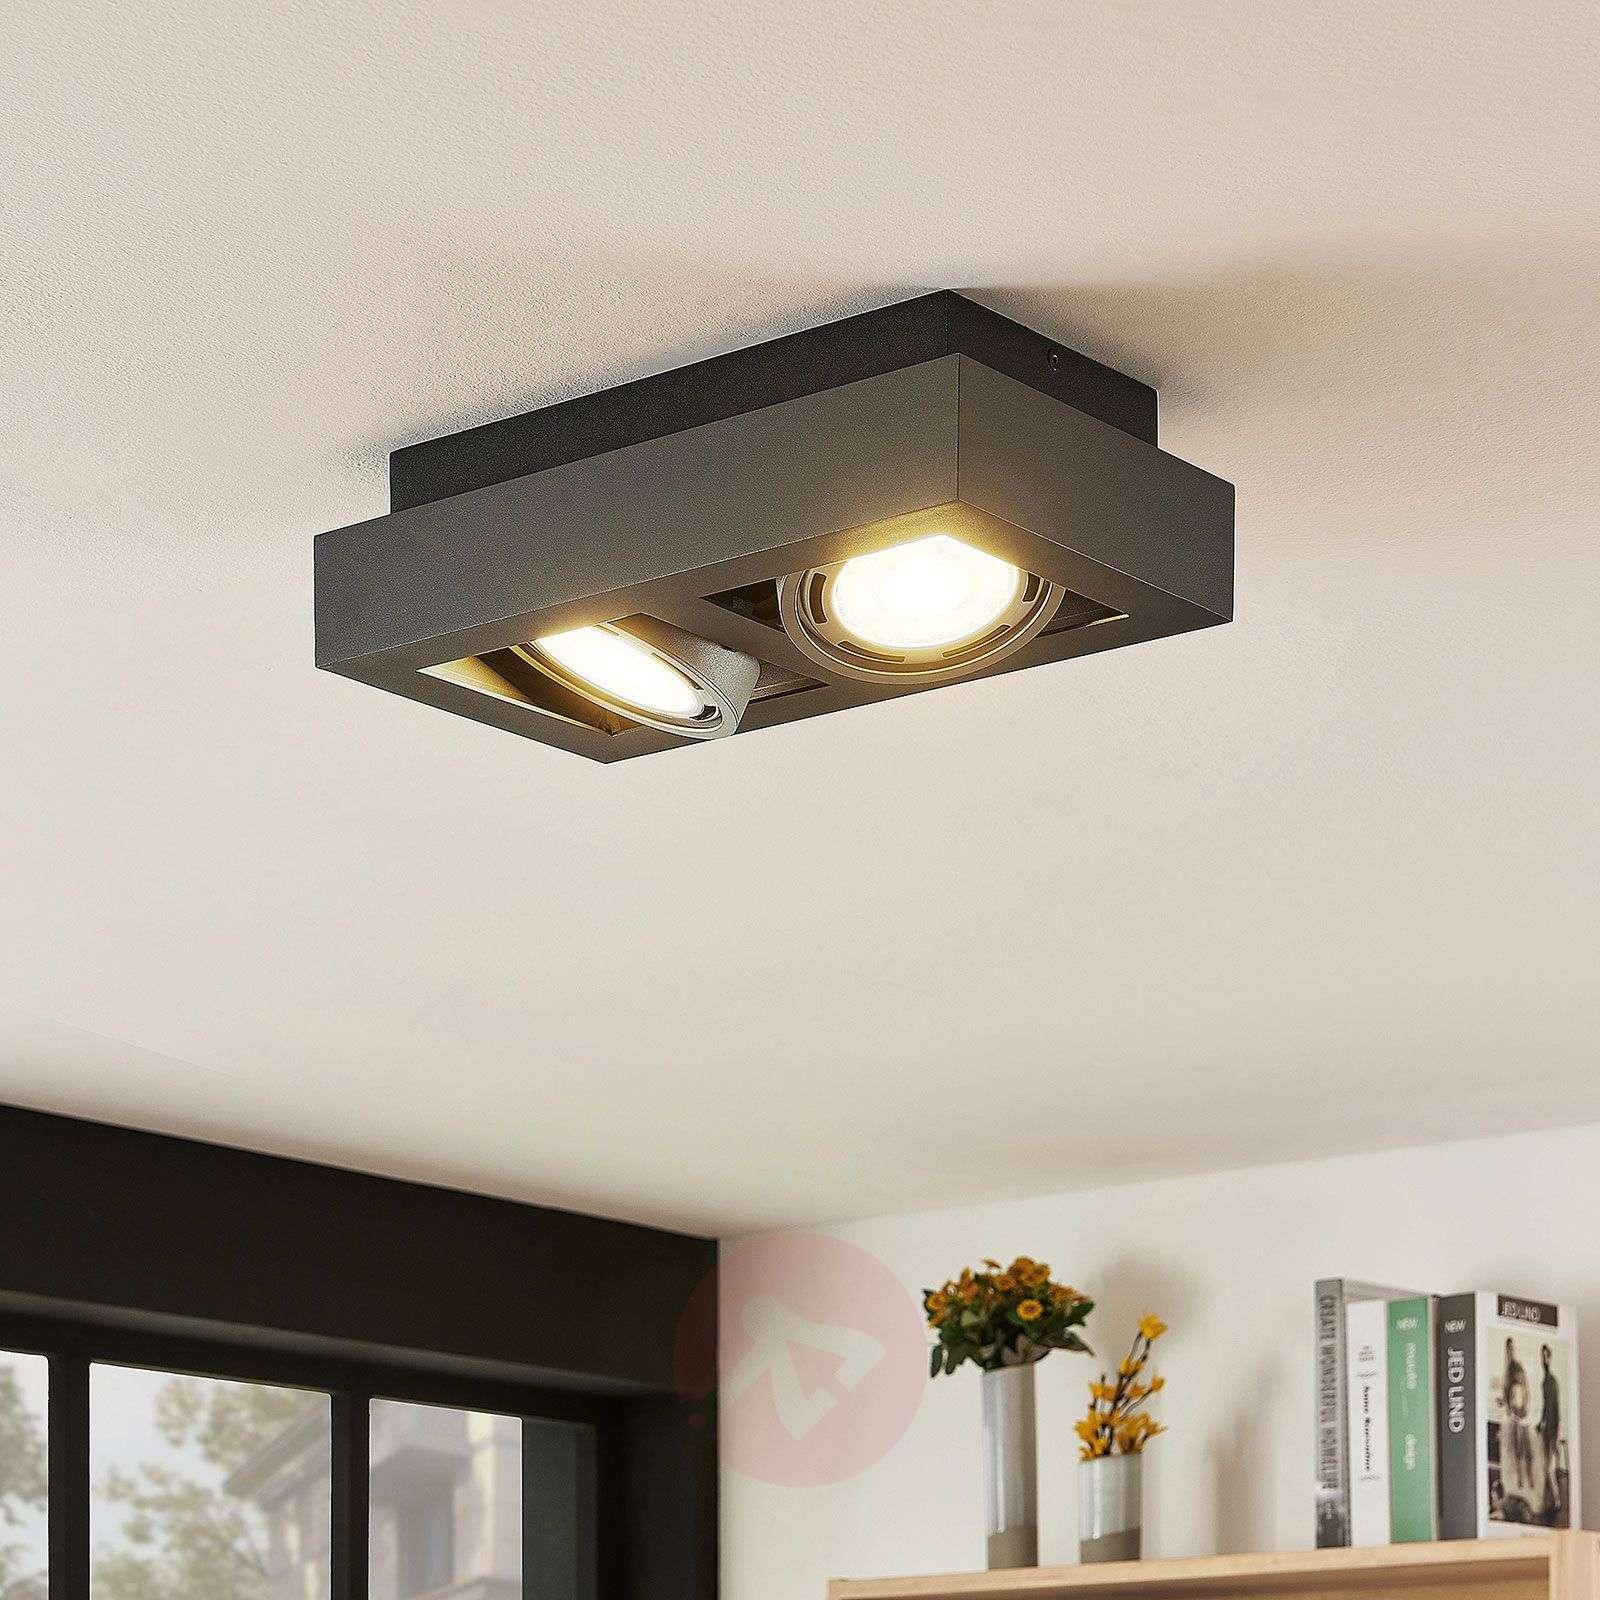 LED-kattospotti Ronka, GU10, 2-lampp., t.harmaa-9624449-01